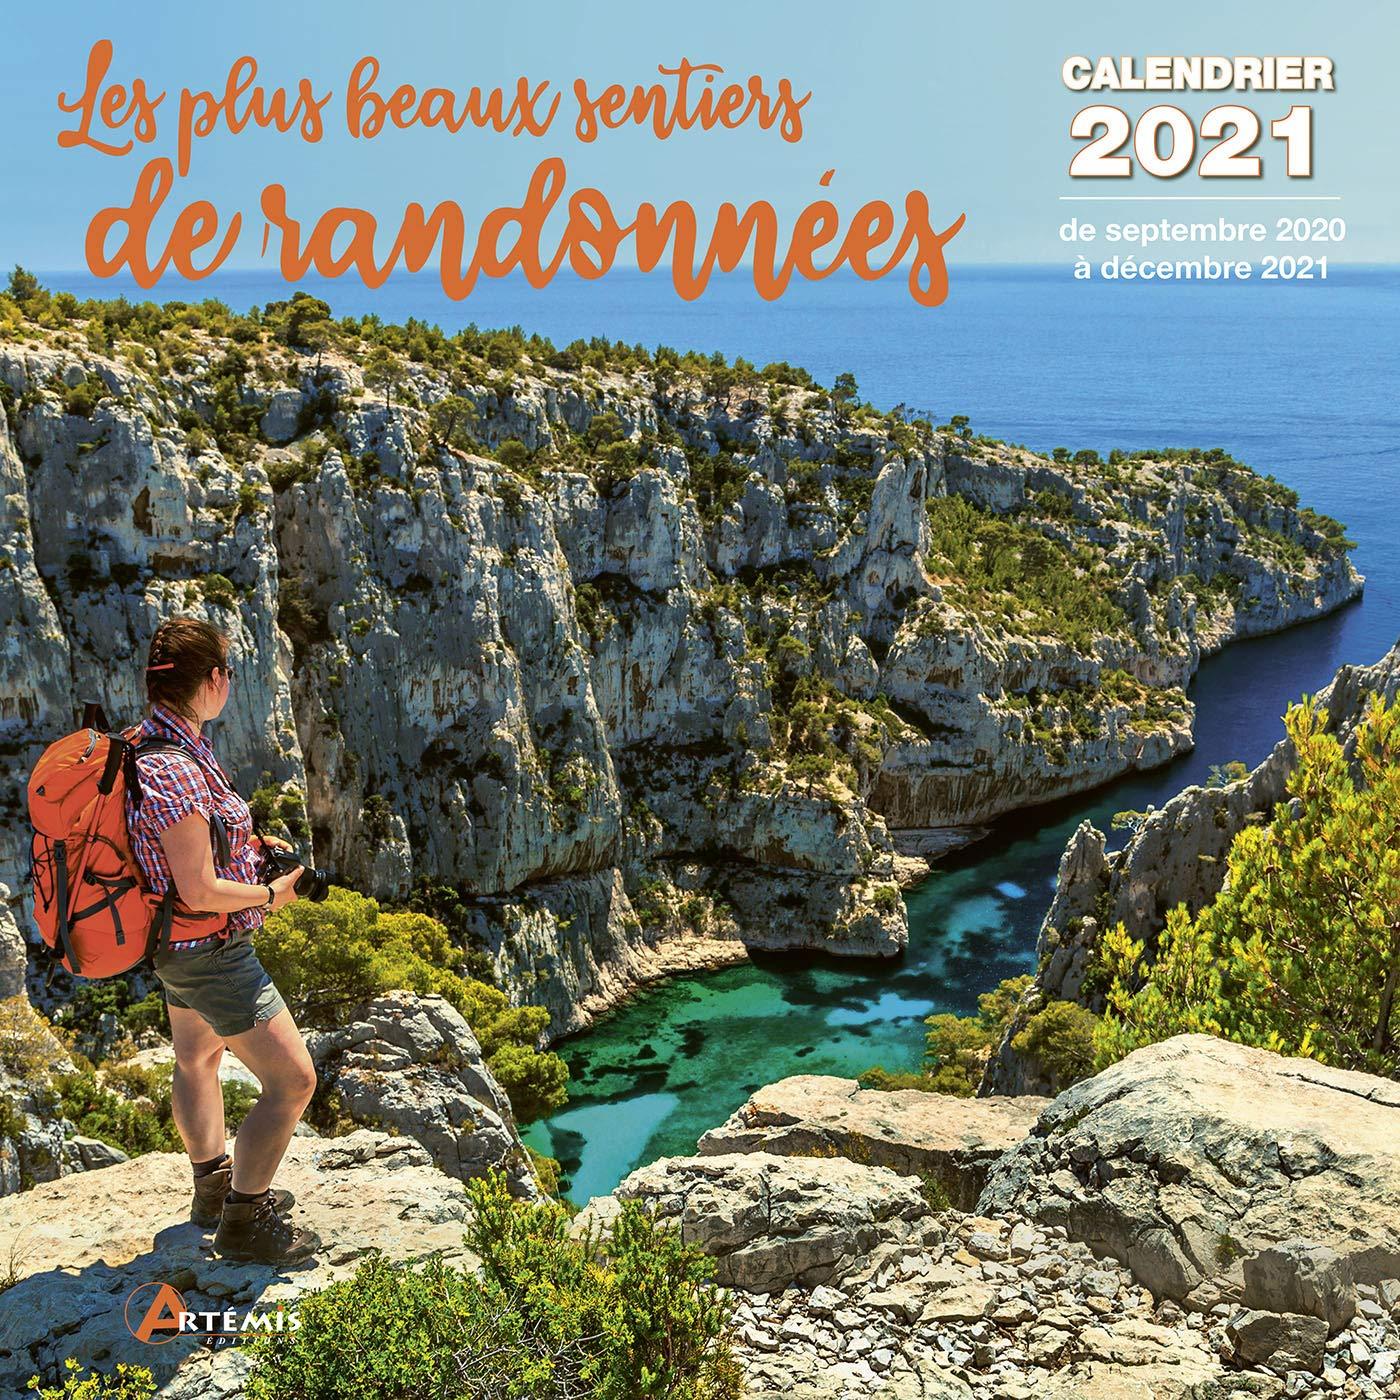 Calendrier Les plus beaux sentiers de randonnée 2021 (French